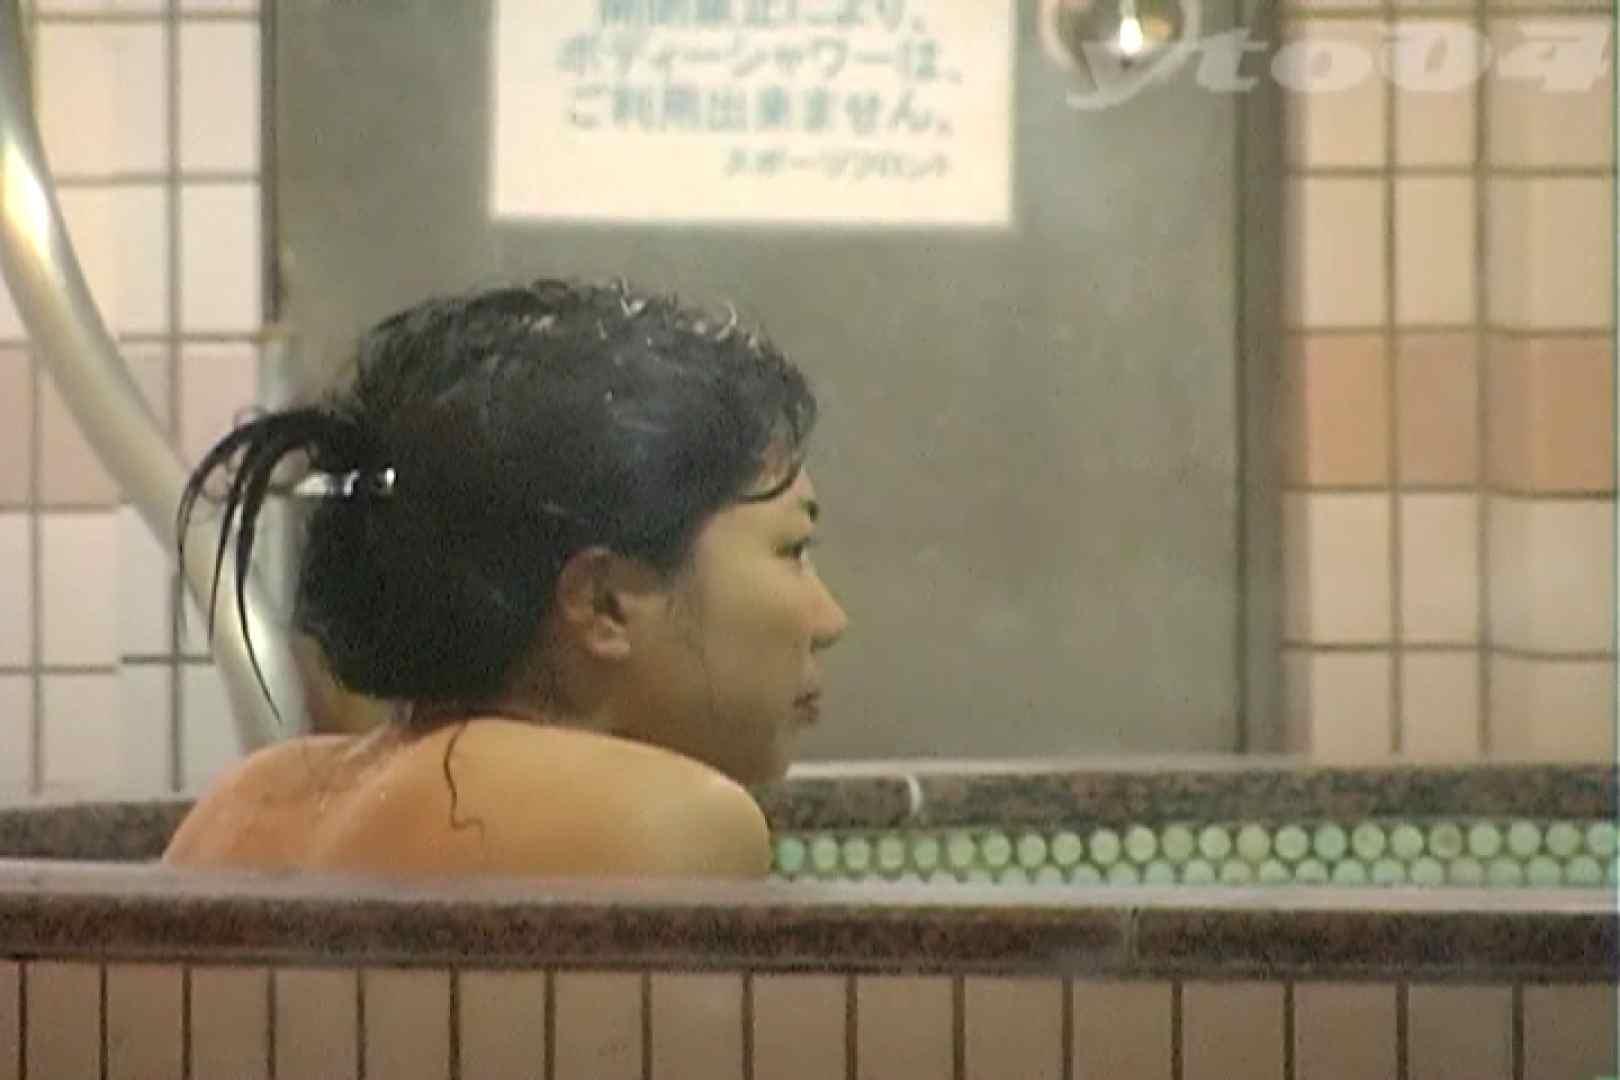 ▲復活限定▲合宿ホテル女風呂盗撮 Vol.24 合宿中の女子 オマンコ動画キャプチャ 50PIX 17